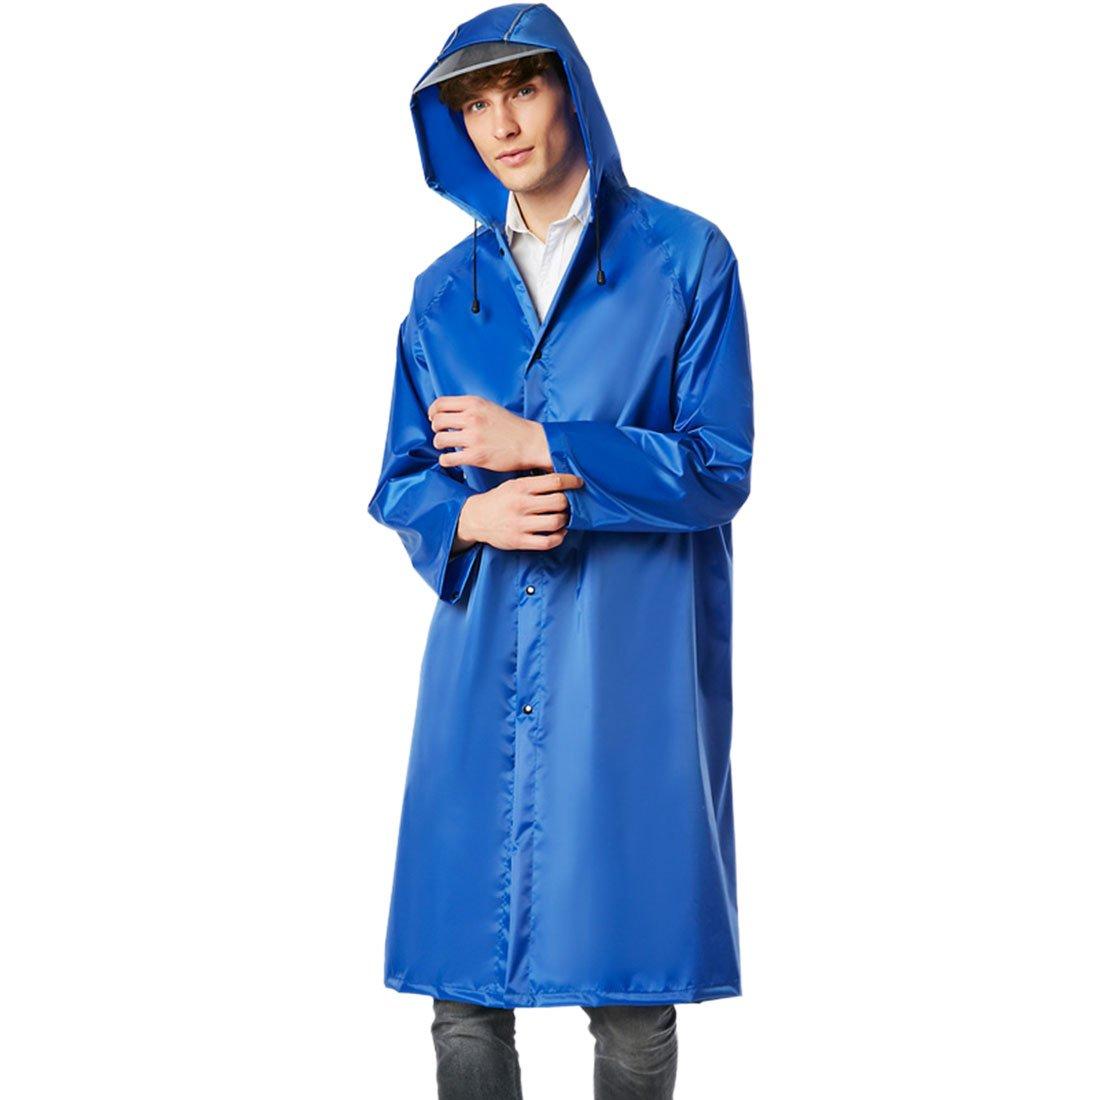 YUENA CARE レインコート ロング アウトドア レインポンチョ ユニセックス 大人用 レインウェア フード付き レインジャケット M ブルー BE1013-0167-2-2M-US B07KRTGGJT ブルー Medium